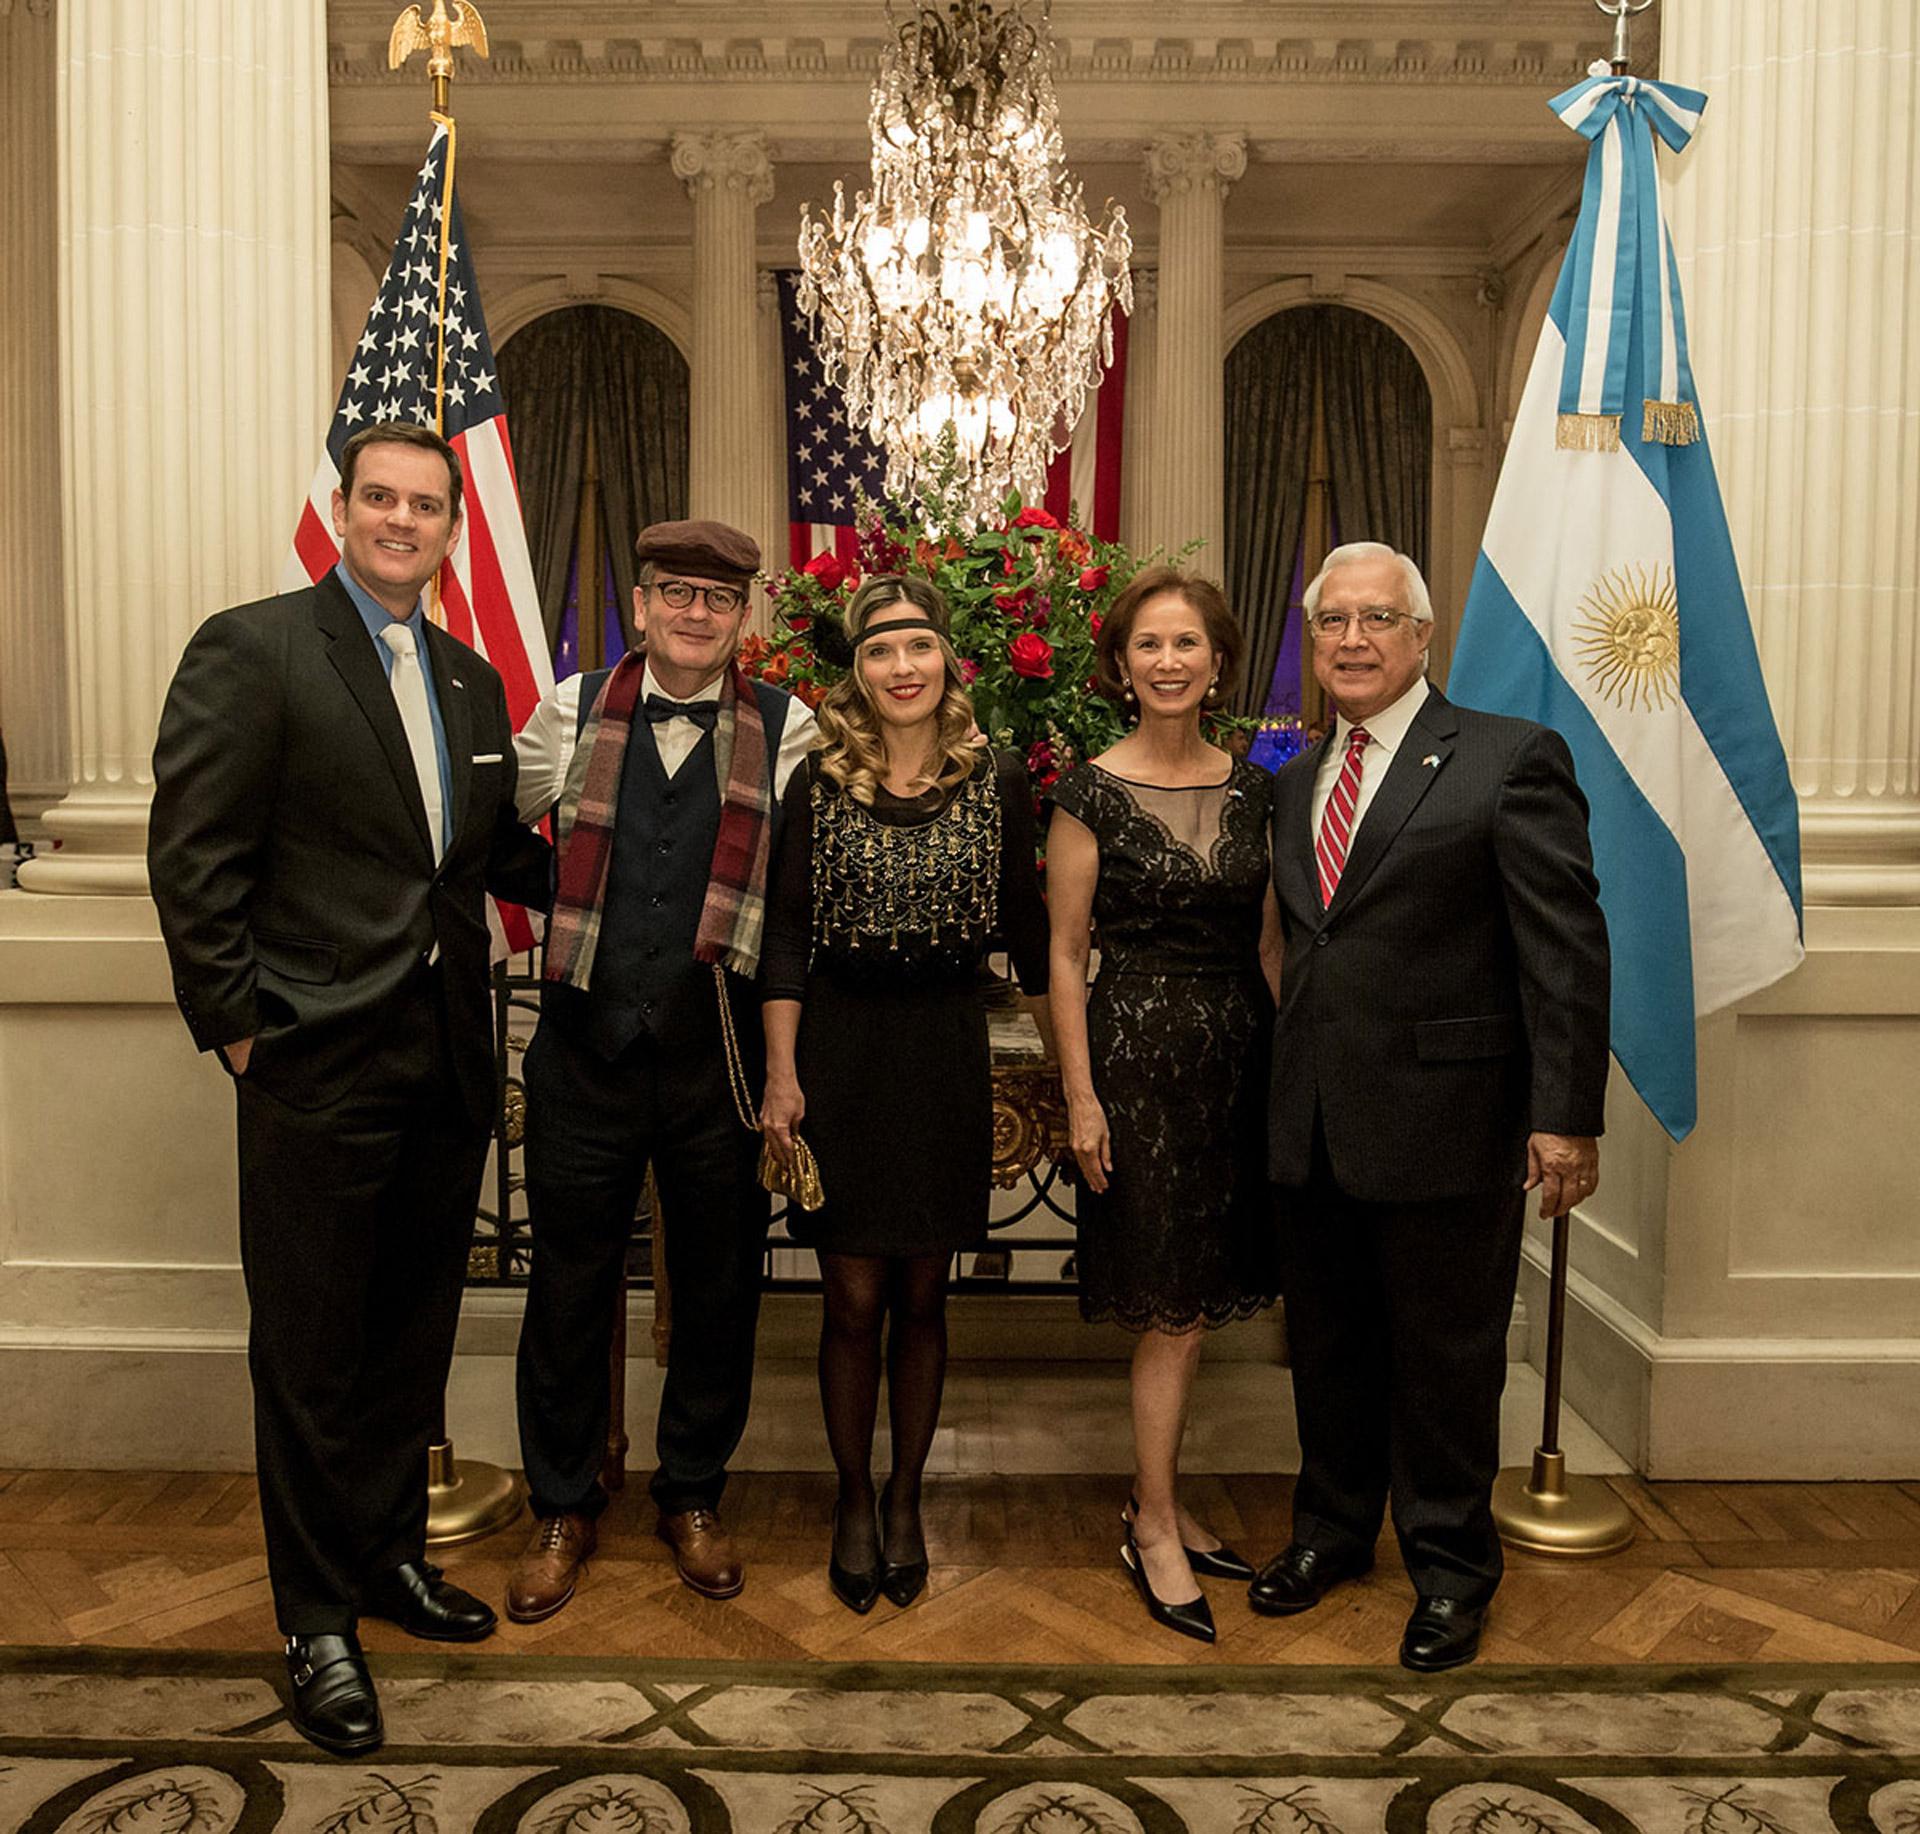 El embajador de los Estados Unidos junto a su mujer María y Tom Cooney reciben a Ilan Sztulman, embajador de Israel en la Argentina, y su mujer Jaqueline